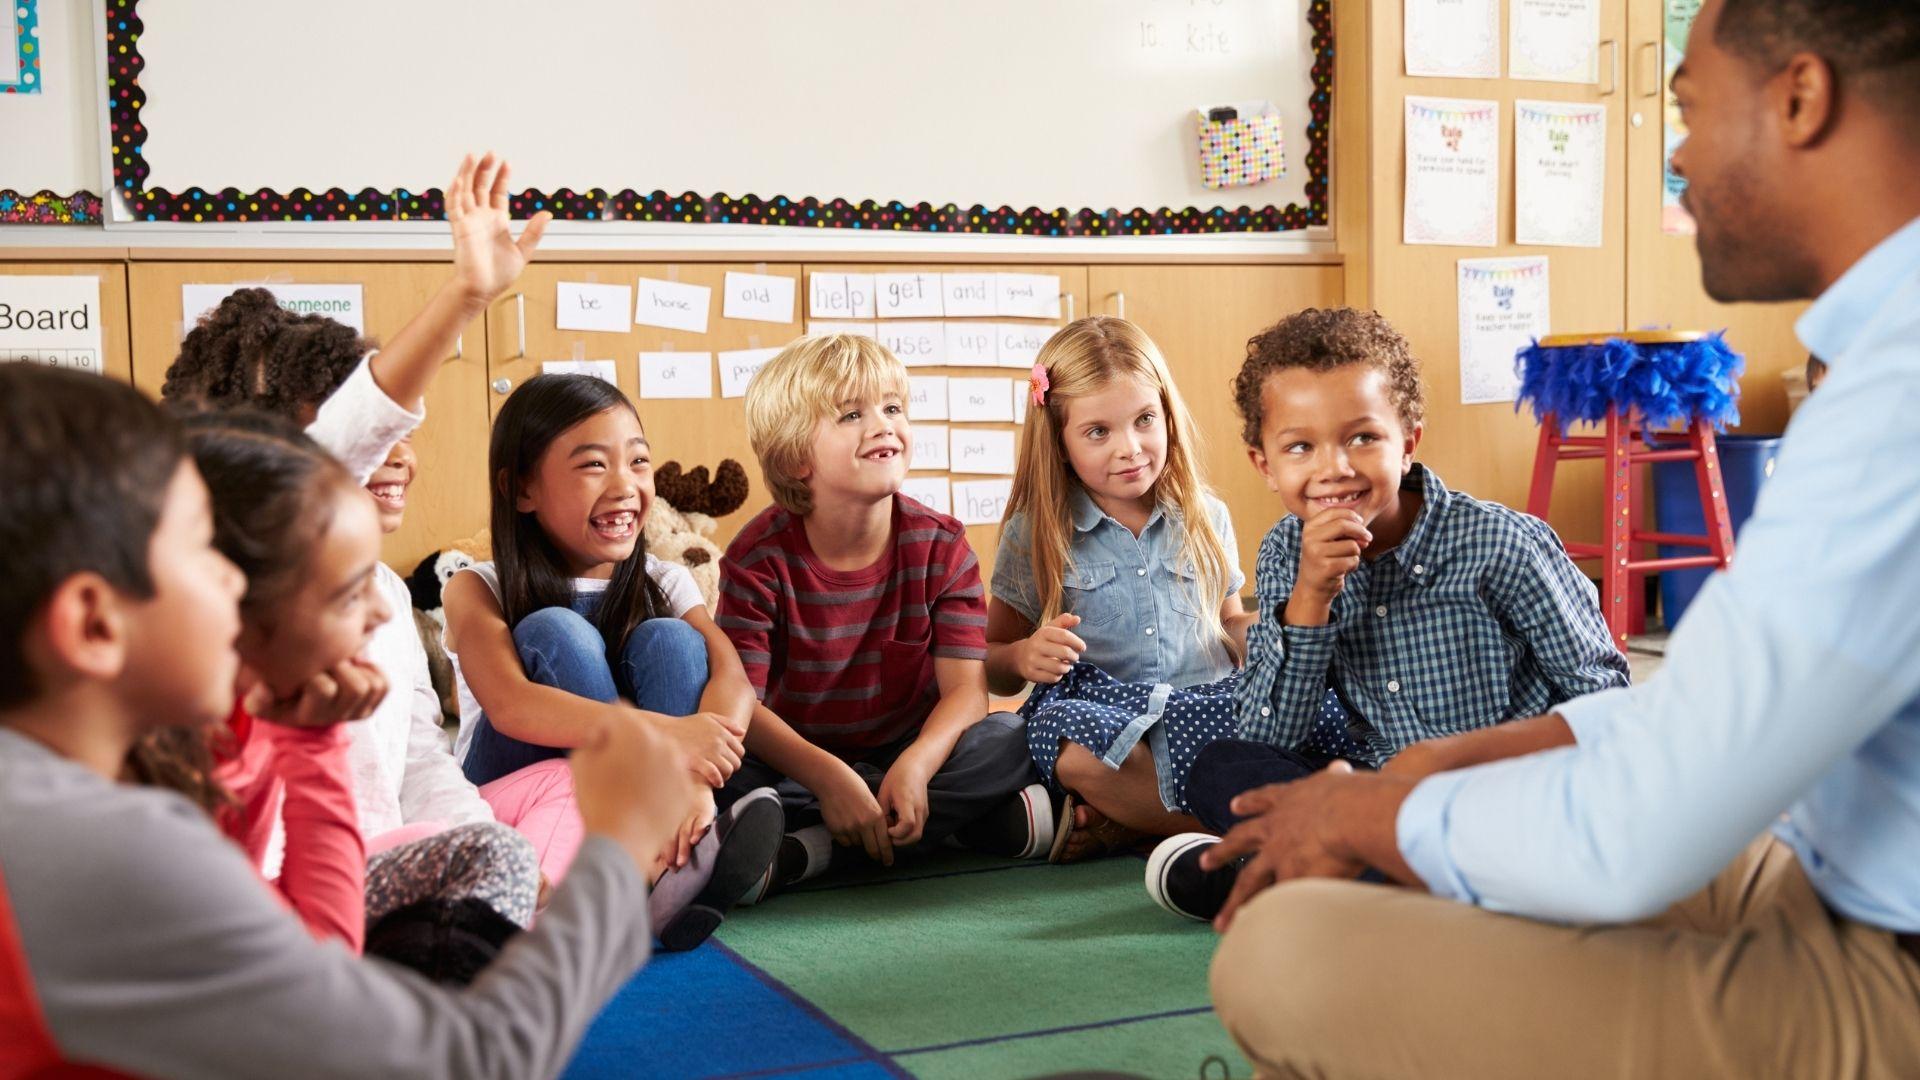 Escola bilíngue: conheça esse conceito que é tendência na educação